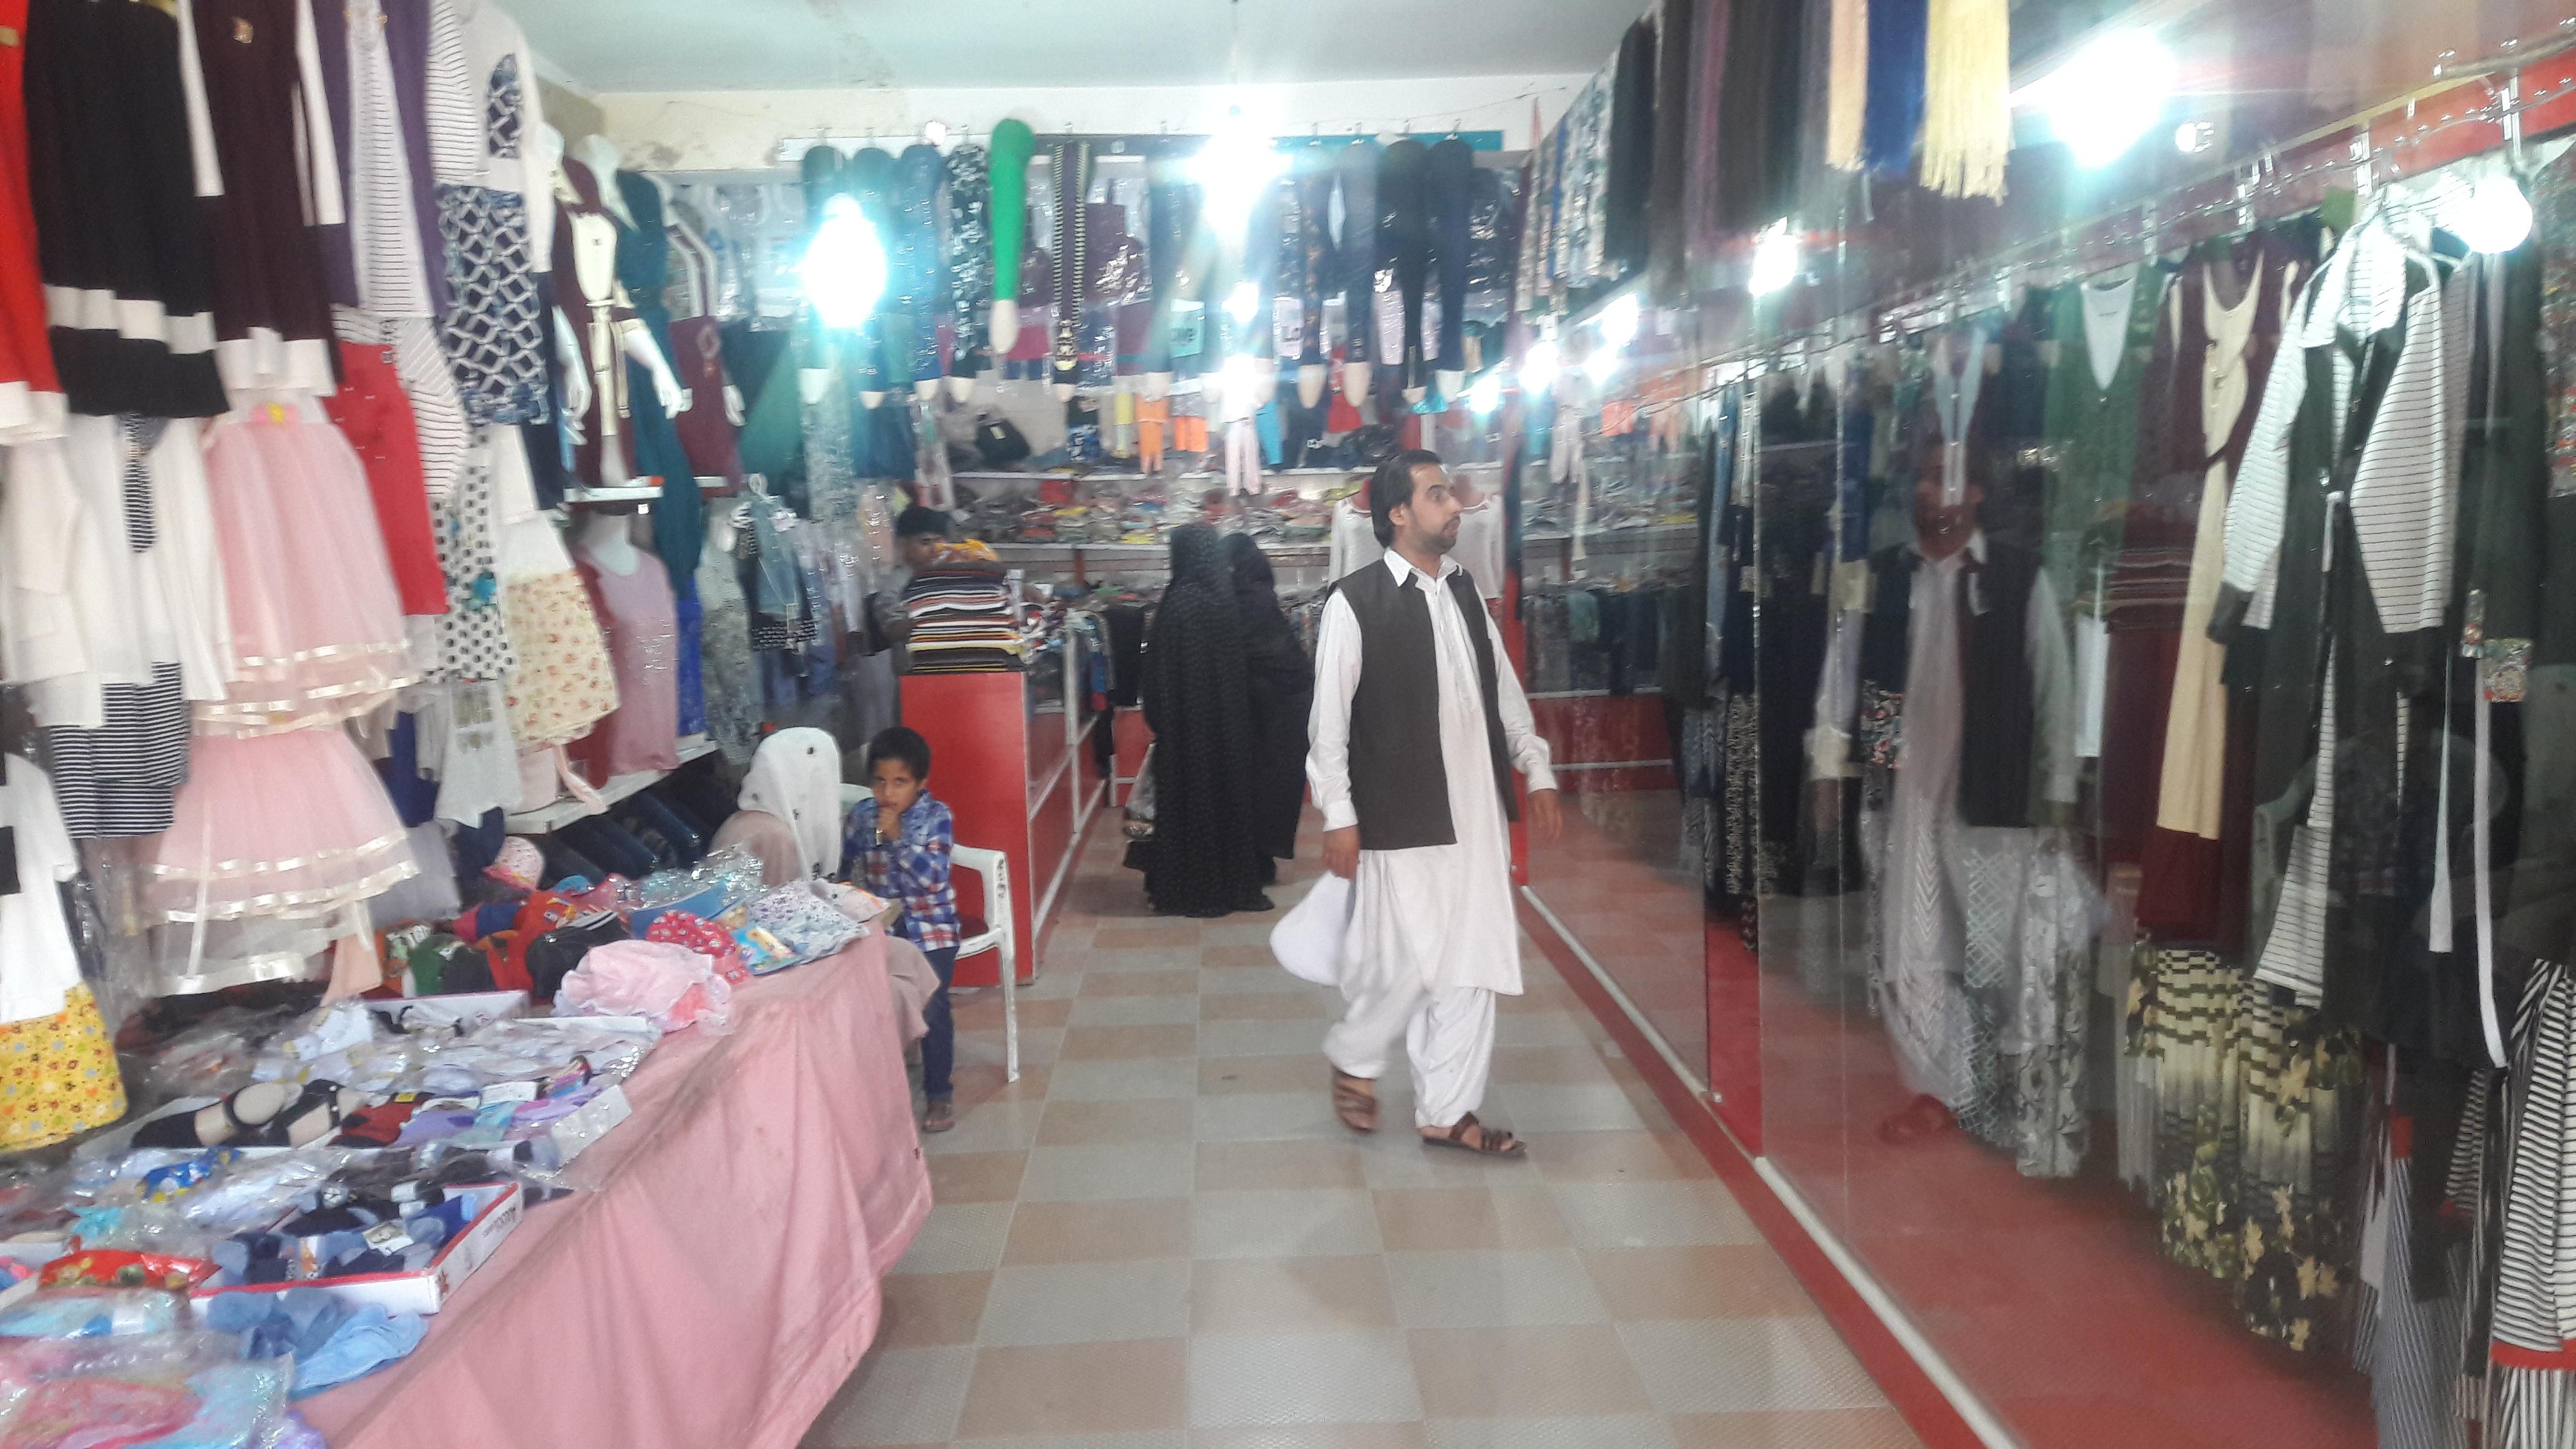 خریدهای عیدی به شهر هرات جنب و جوش عیدی بخشیده است